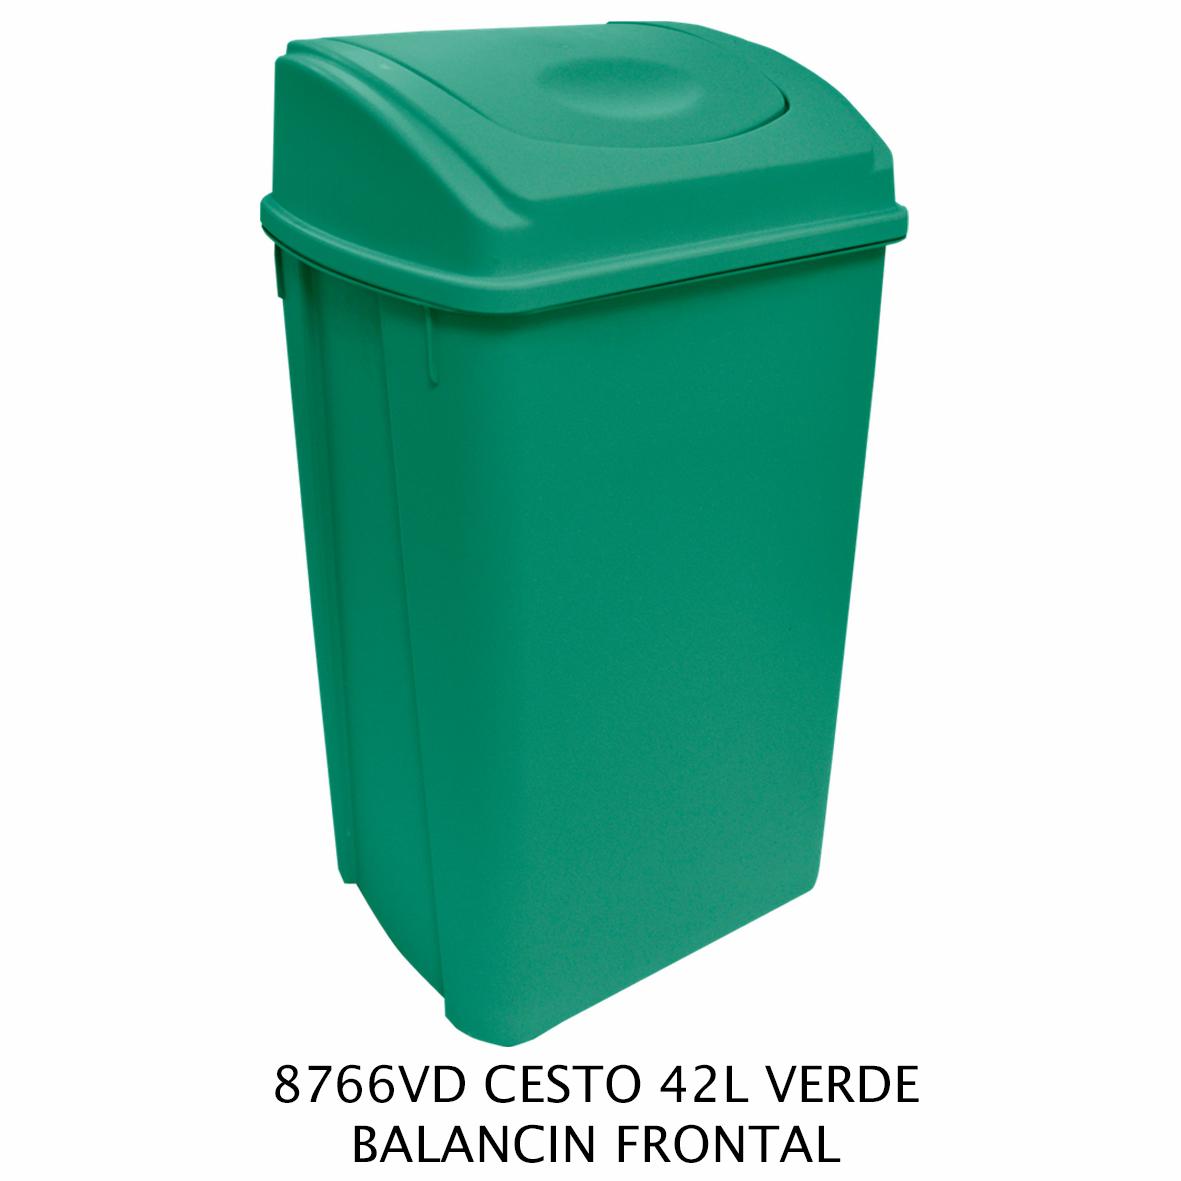 Bote de basura de 42 litros con balancín frontal color verde modelo 8766VD de Sablón